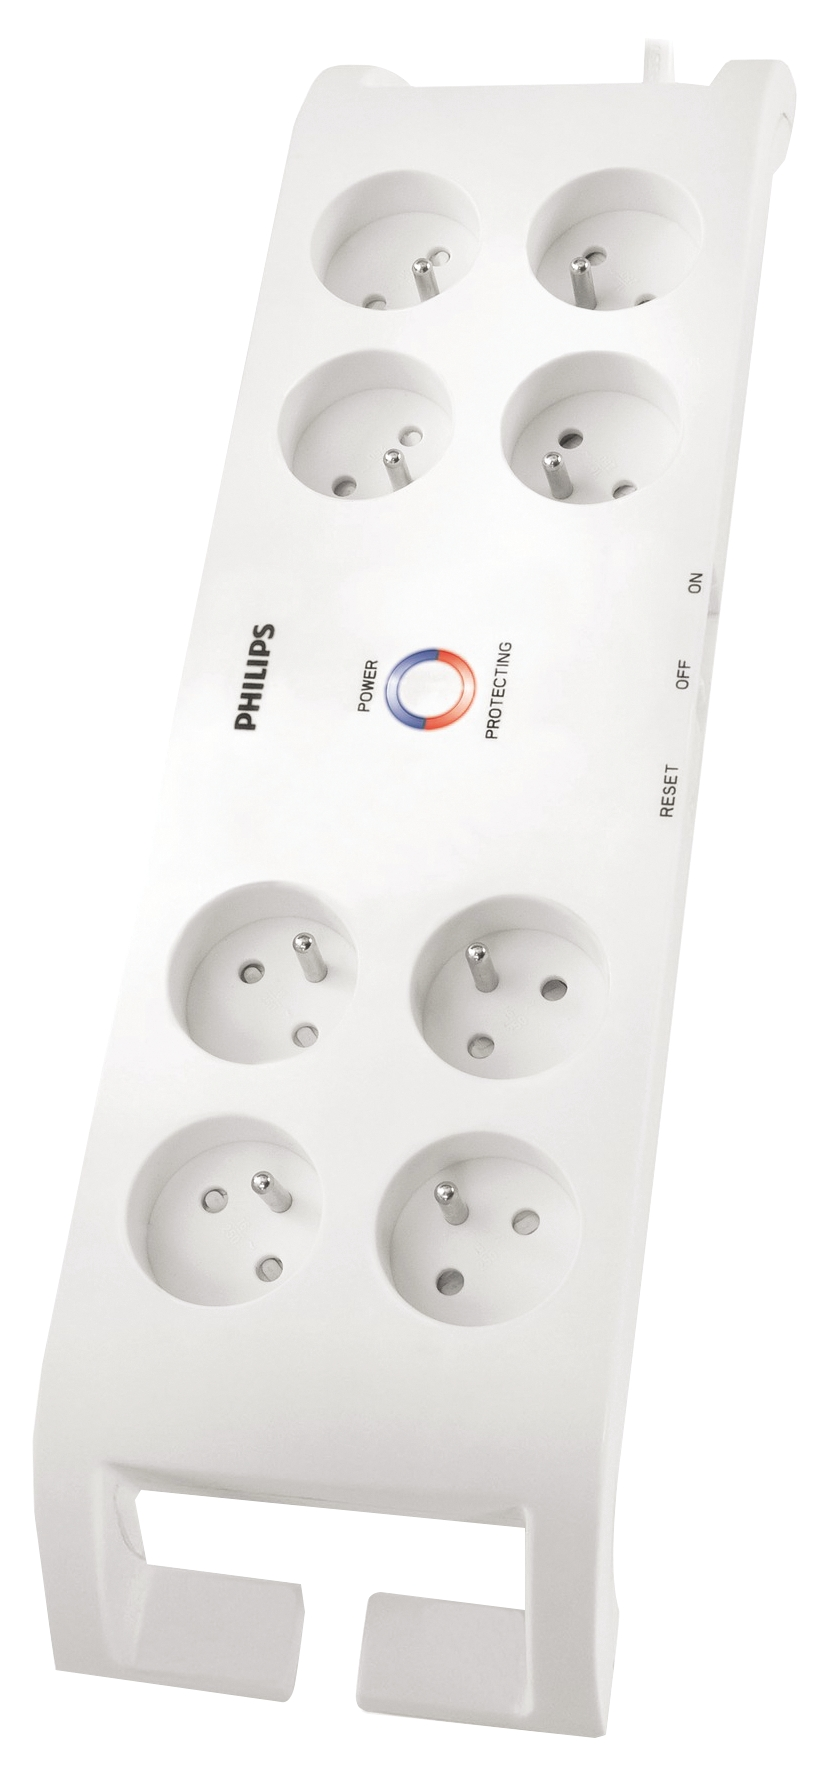 Přepěťová ochrana 900J, 8 zásuvky, 2m, bílá, PHILIPS